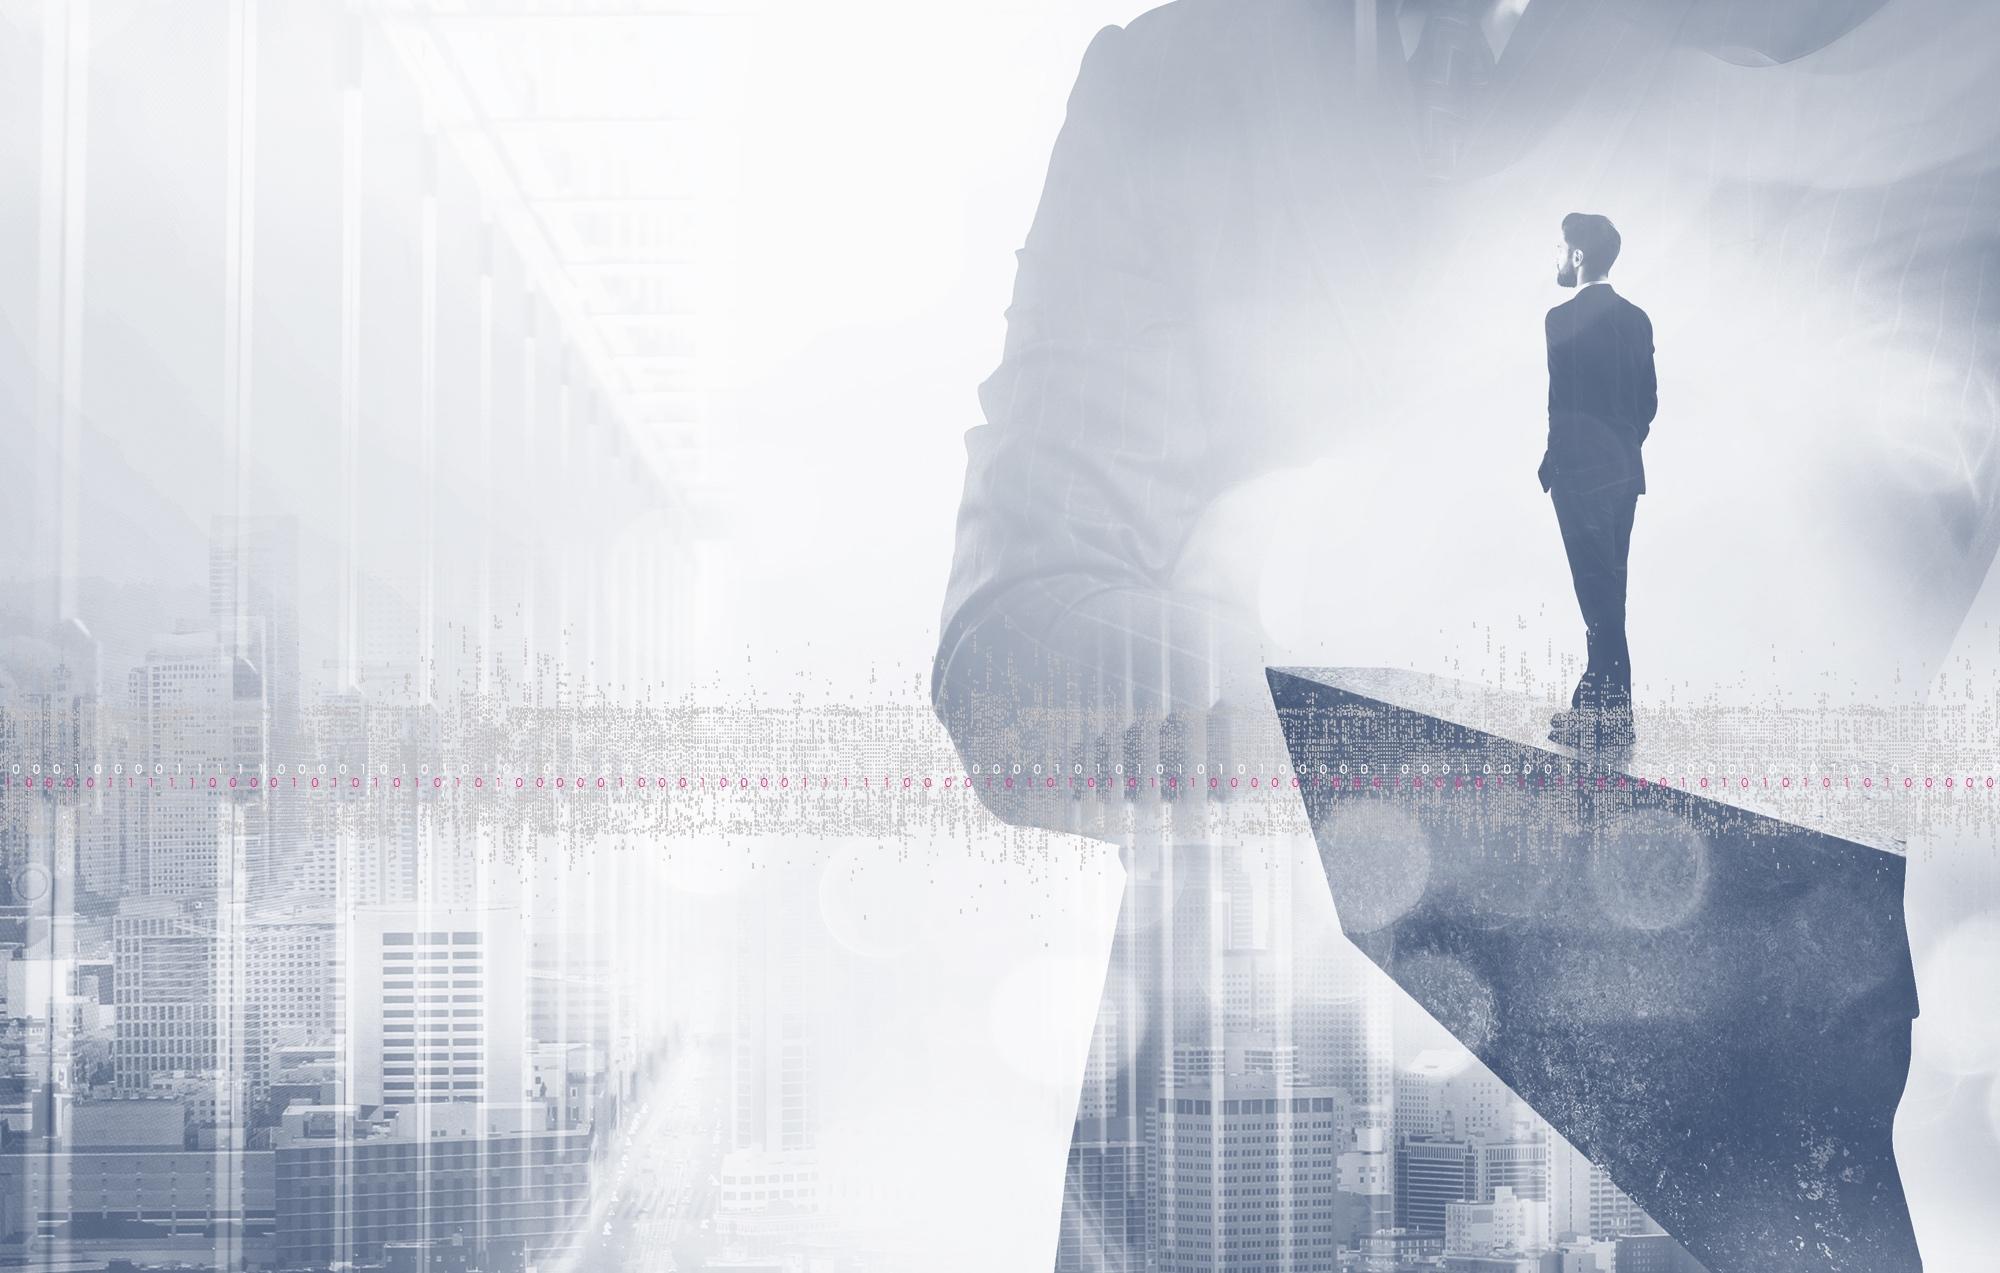 German Edge Cloud zeigt: Edge Computing als Schlüsseltechnologie für die smarte Fabrik